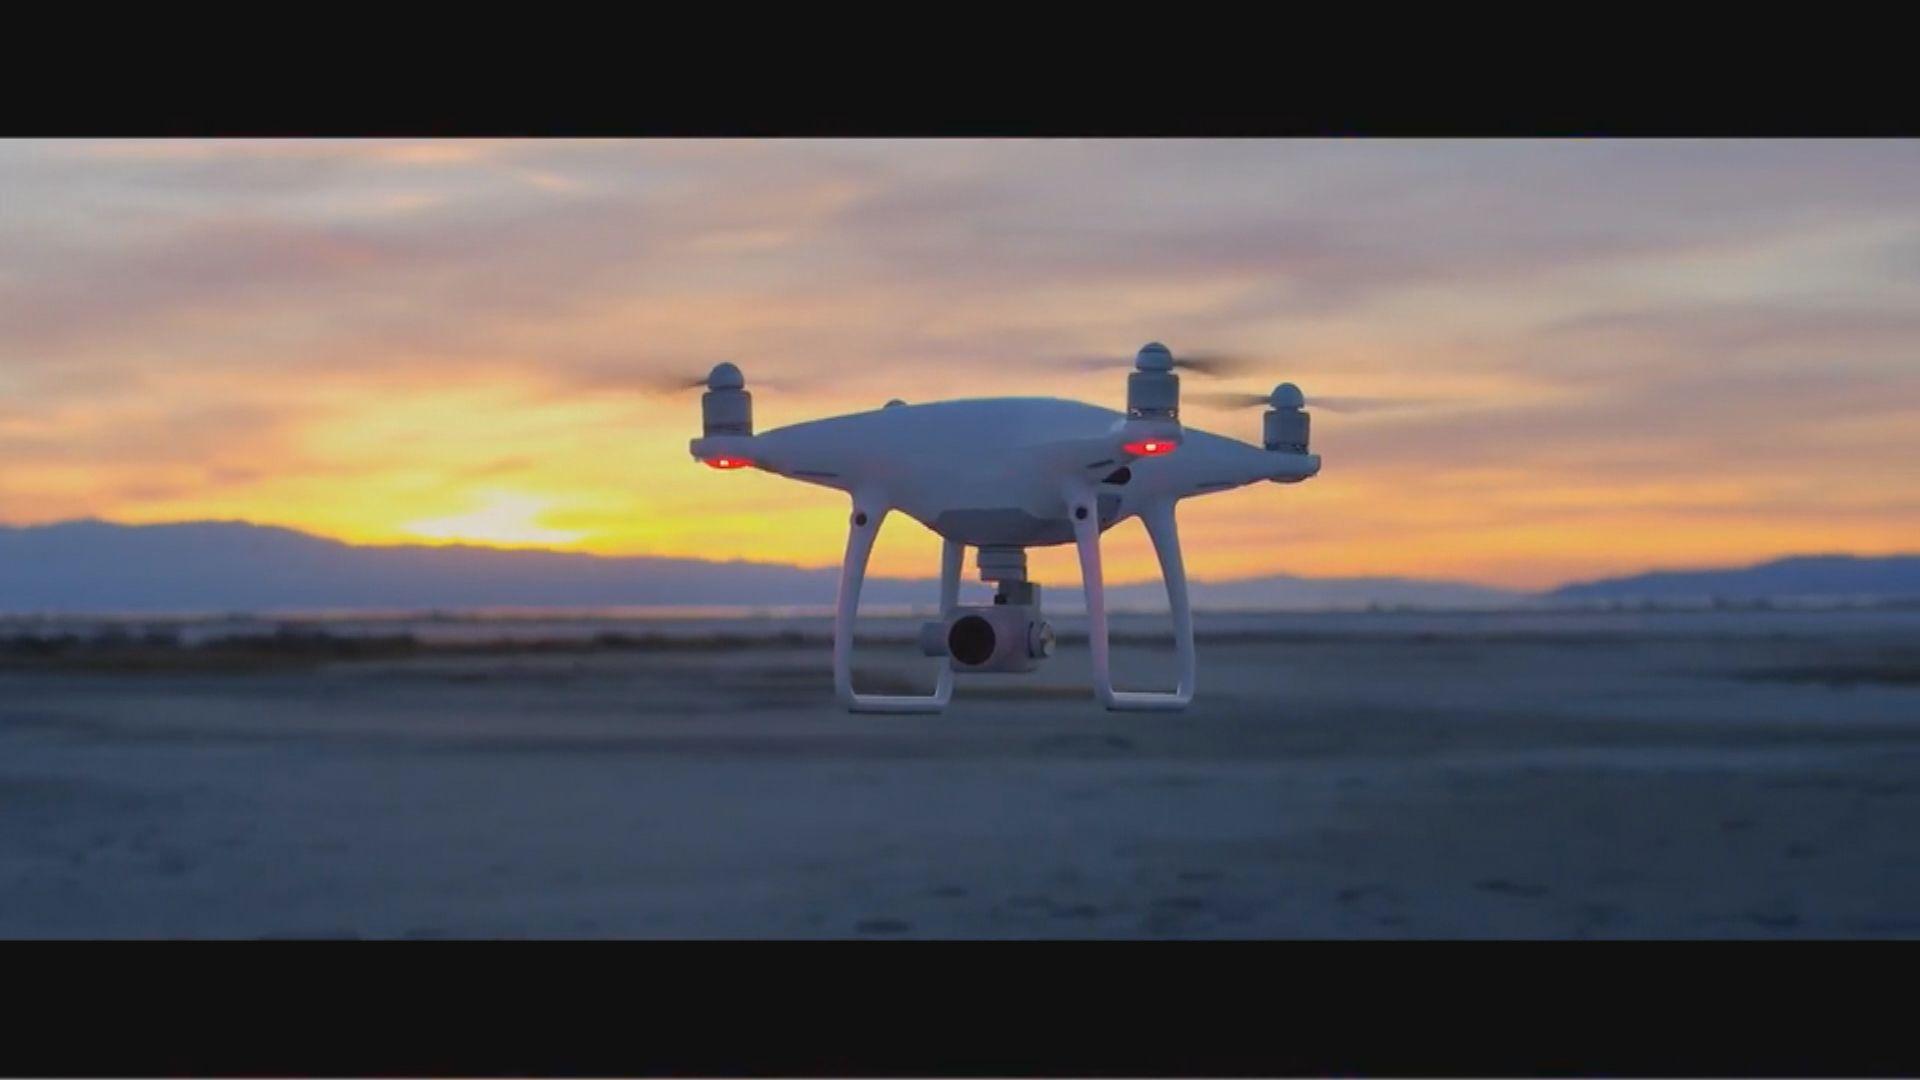 【中美貿易戰升級】華為翻版?美警告中國製無人機或竊密